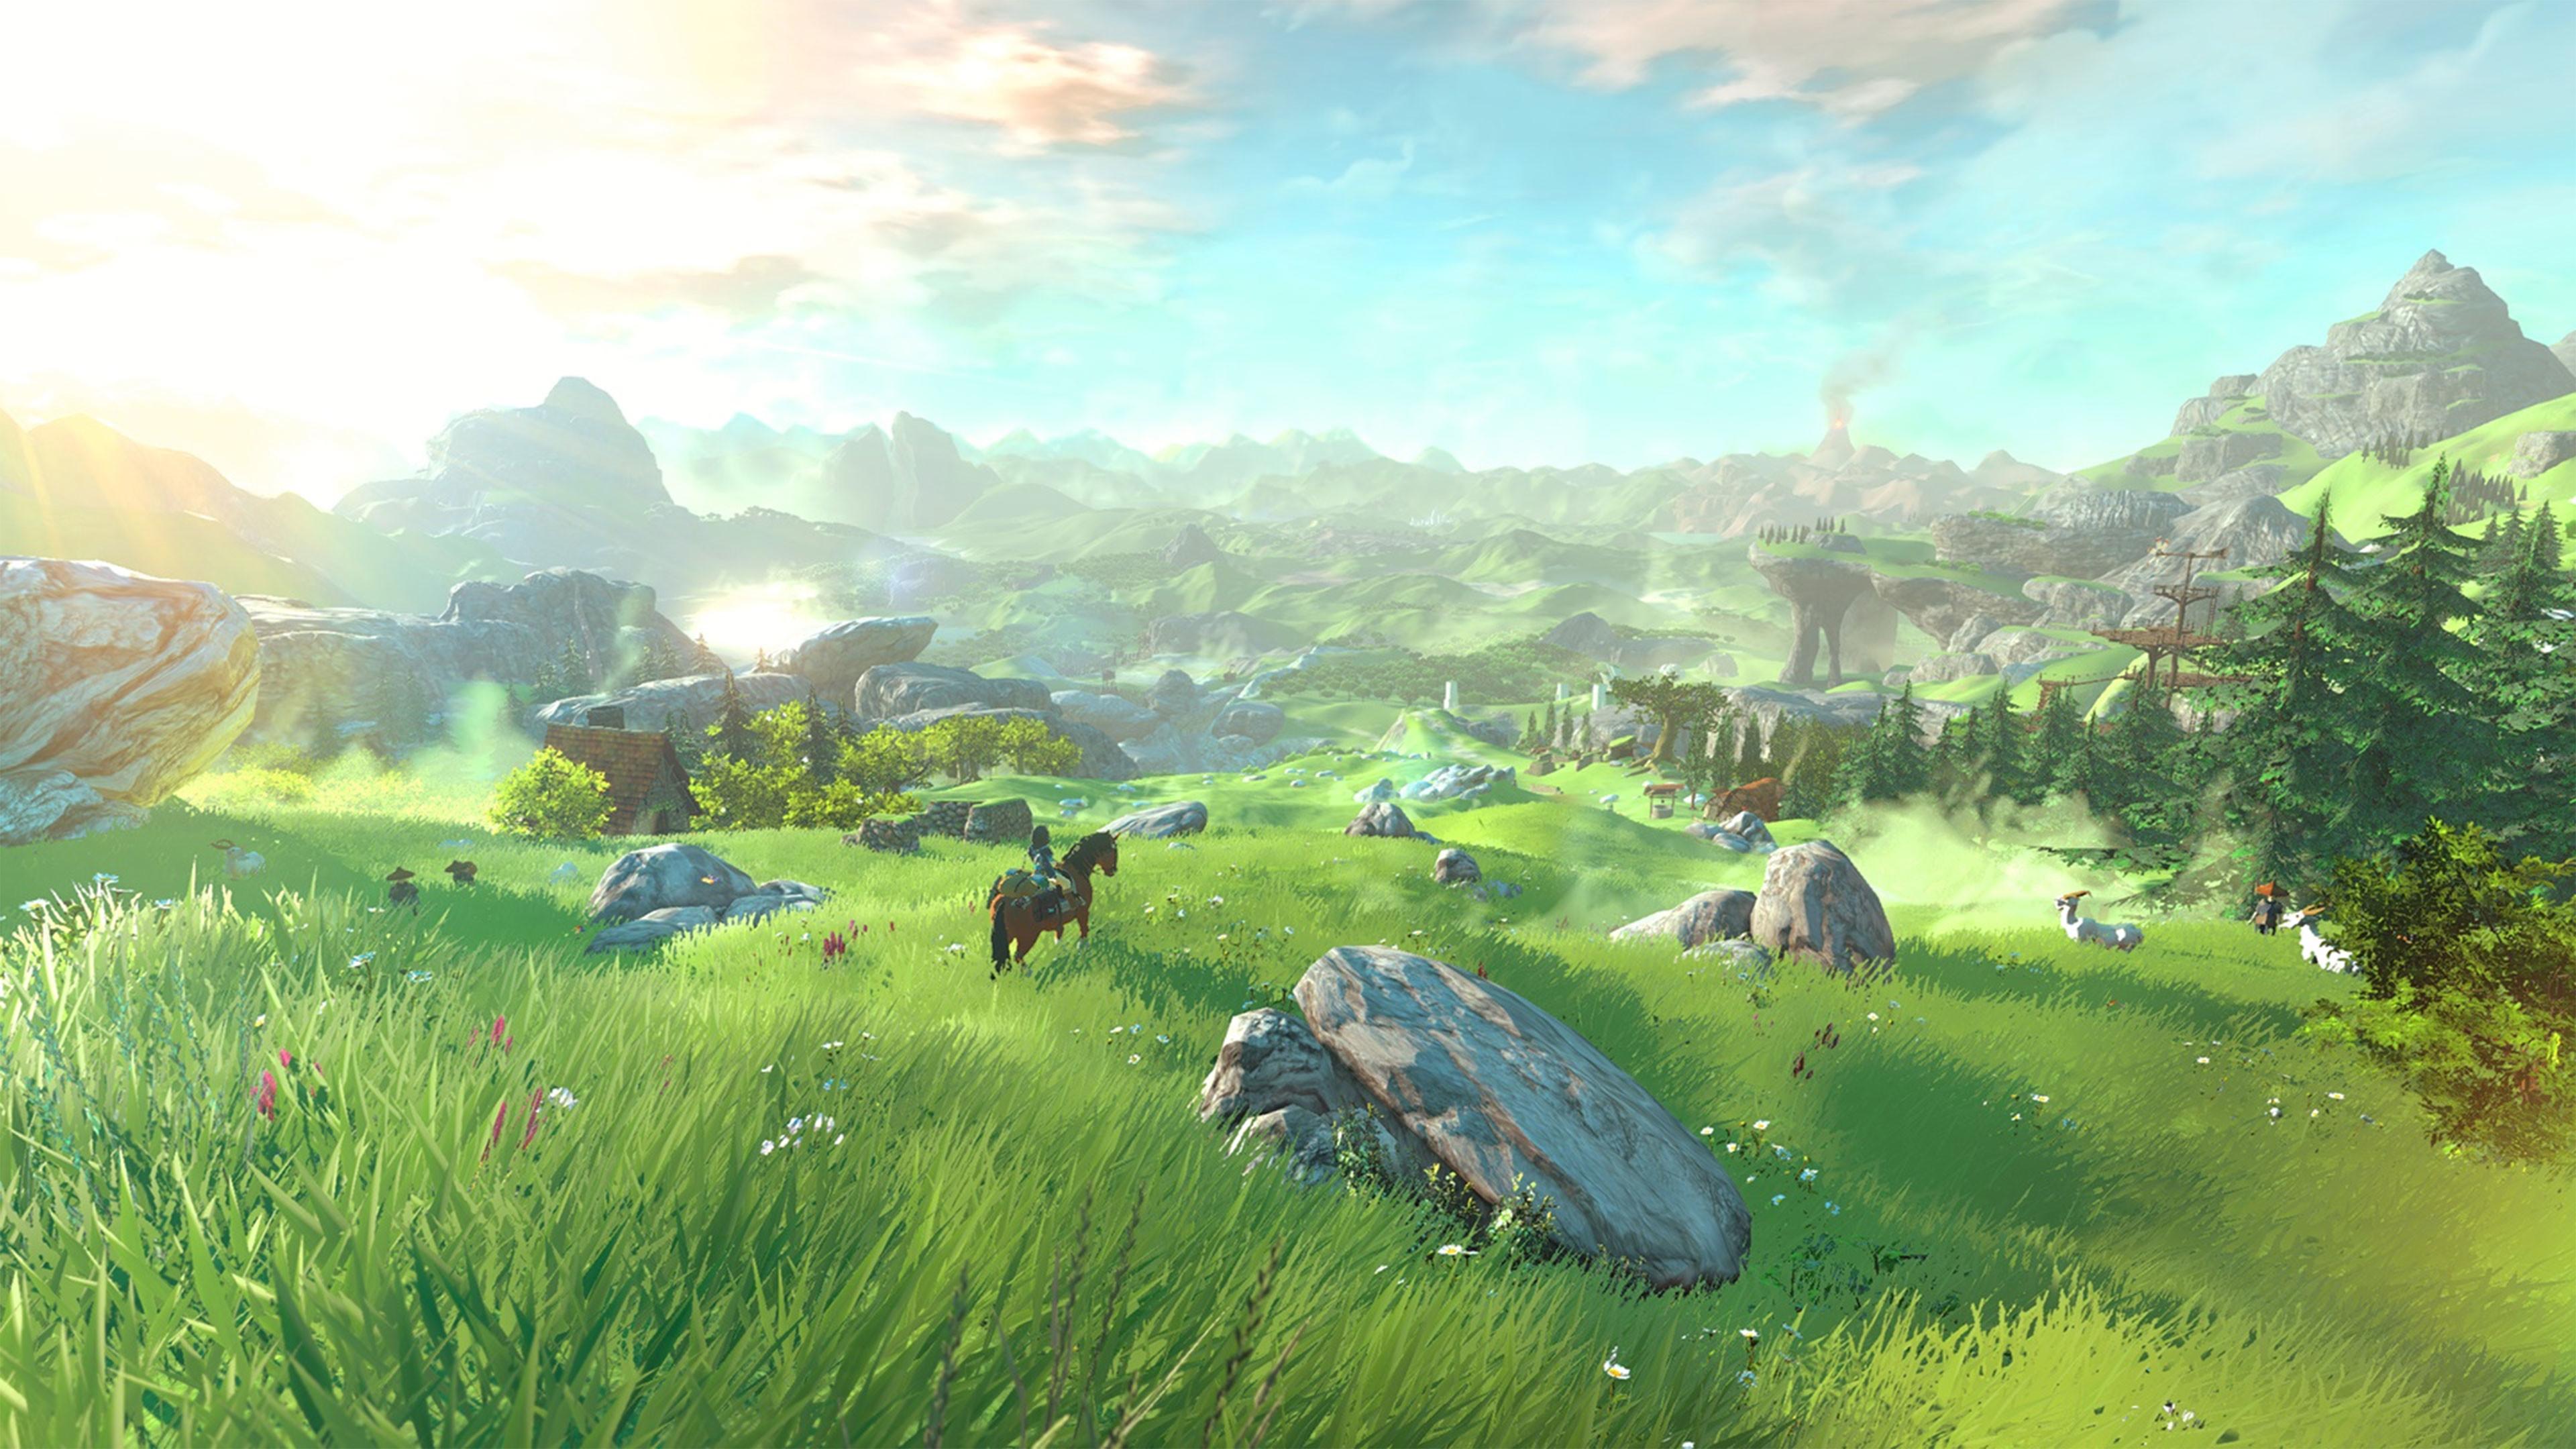 Zelda Wallpaper Hd 2018 47 Images